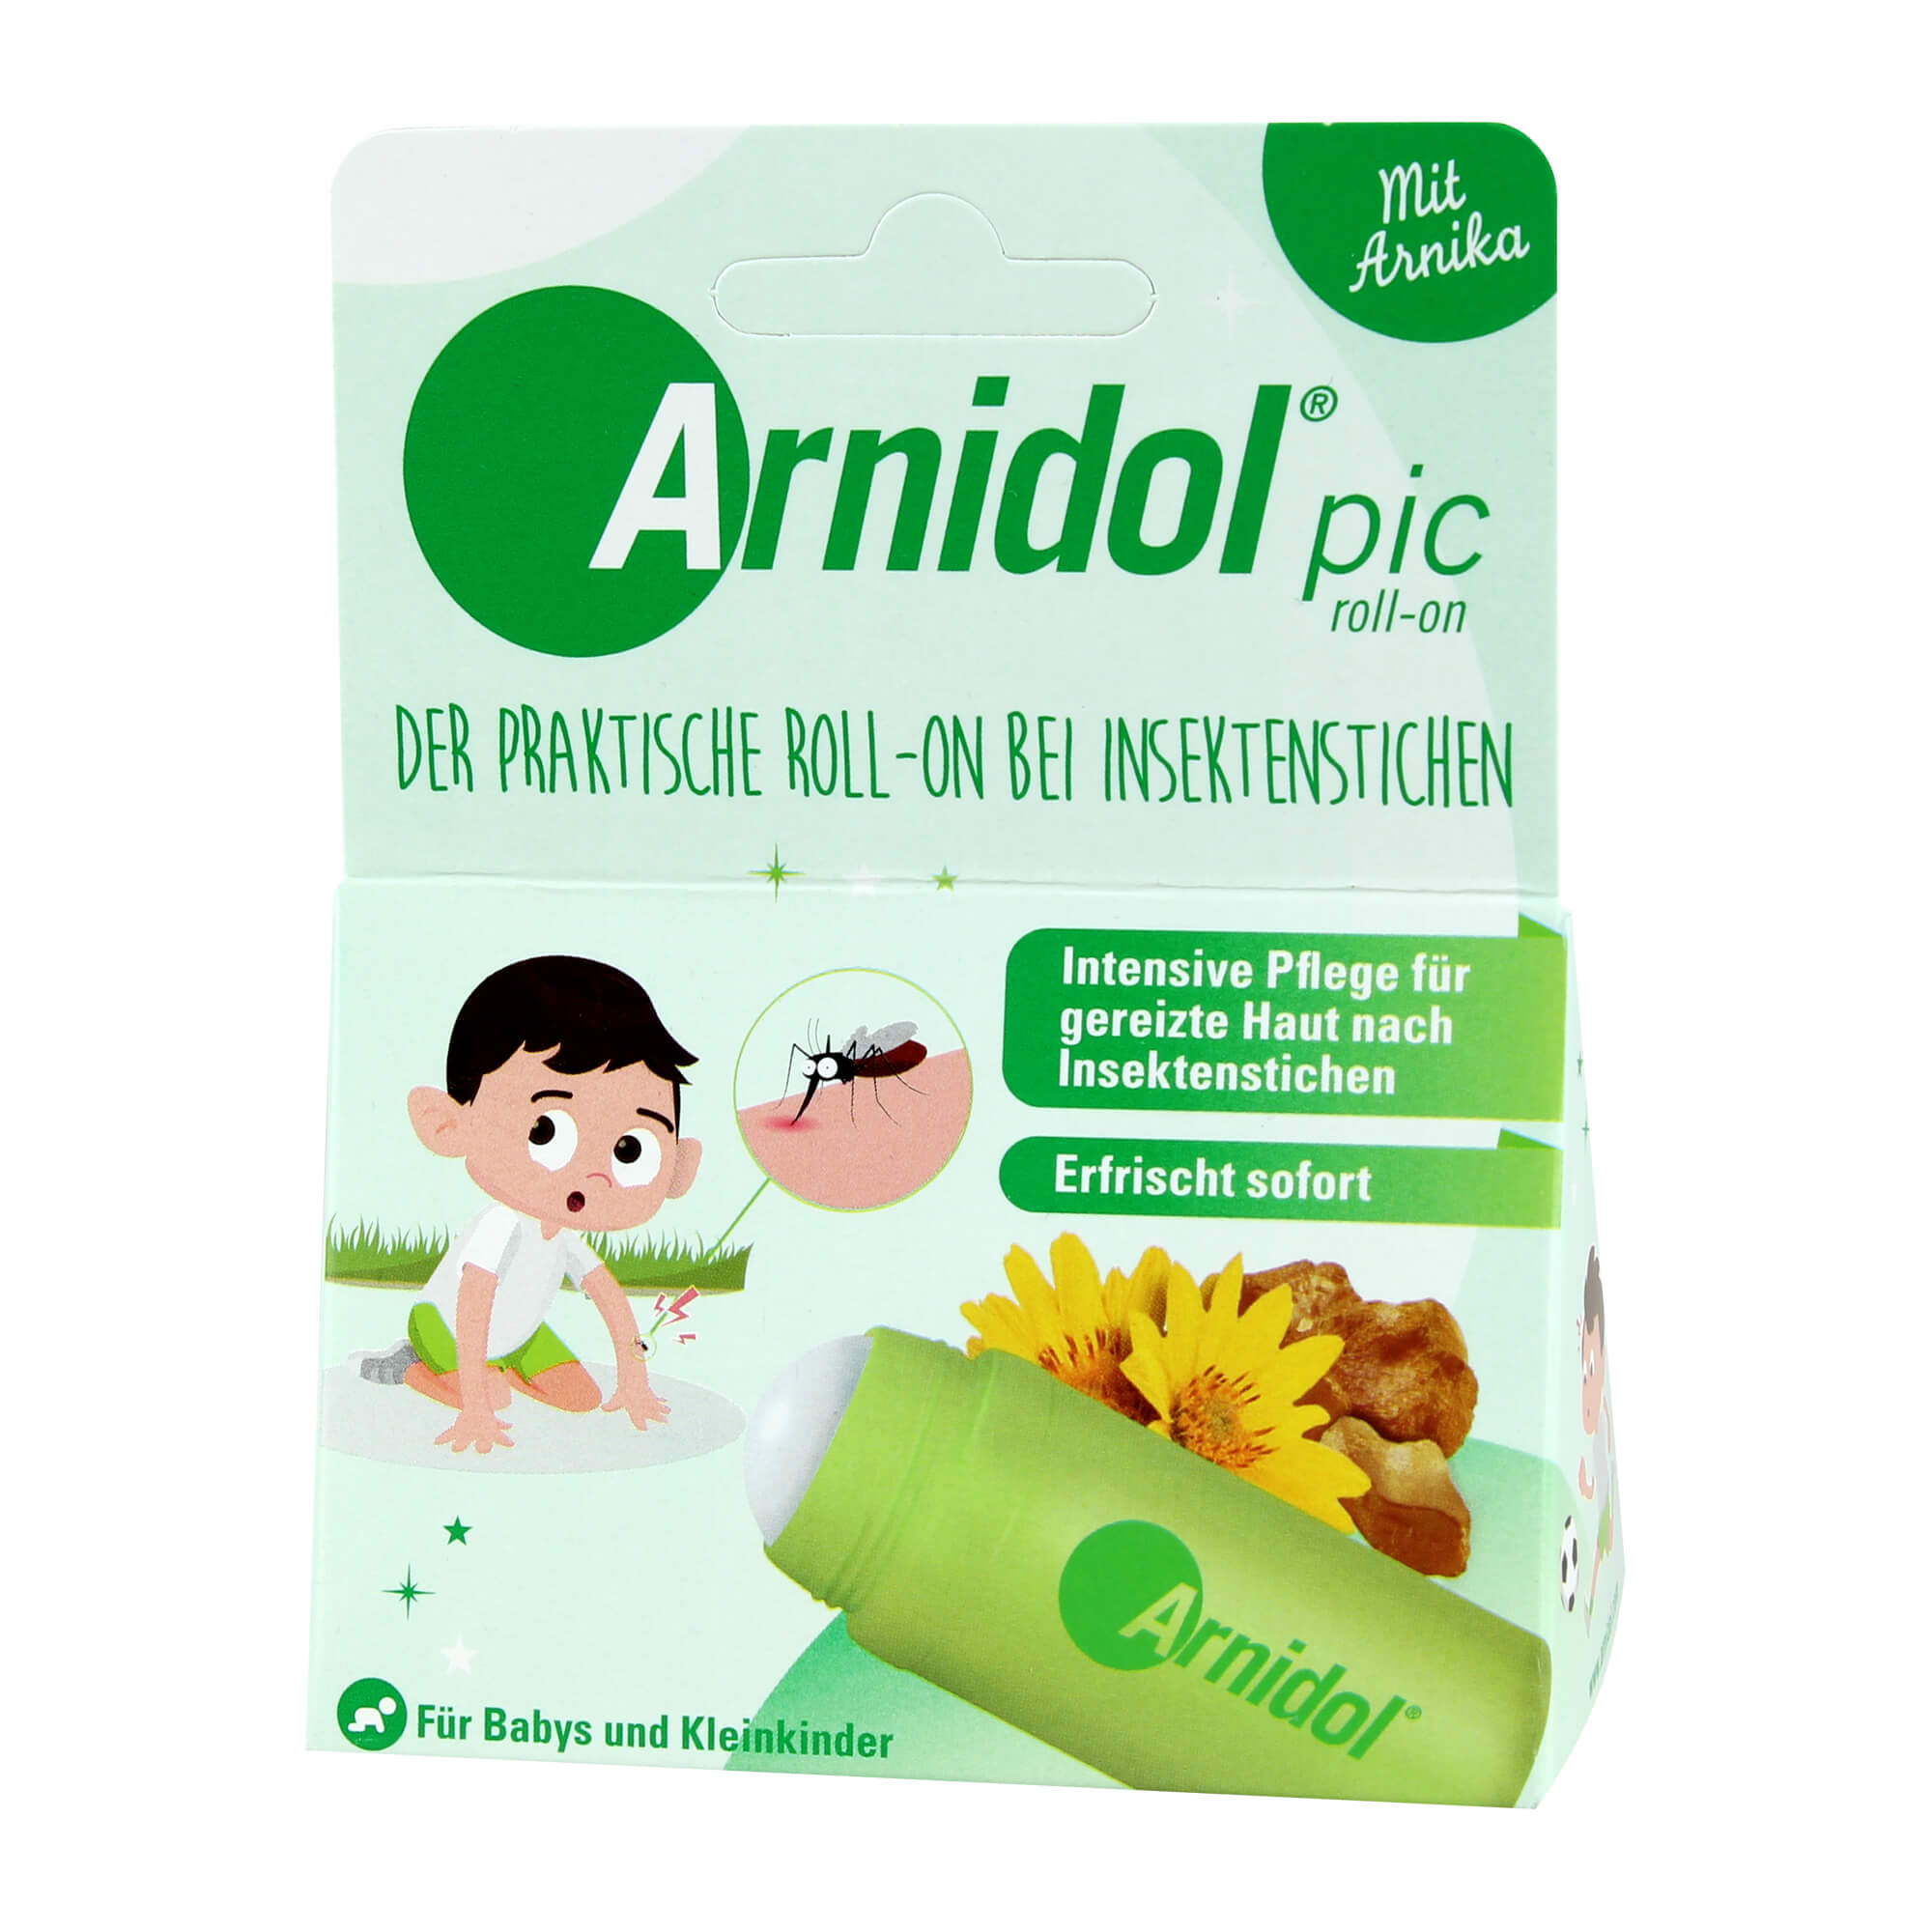 Arnidol pic roll-on bei Insektenstichen